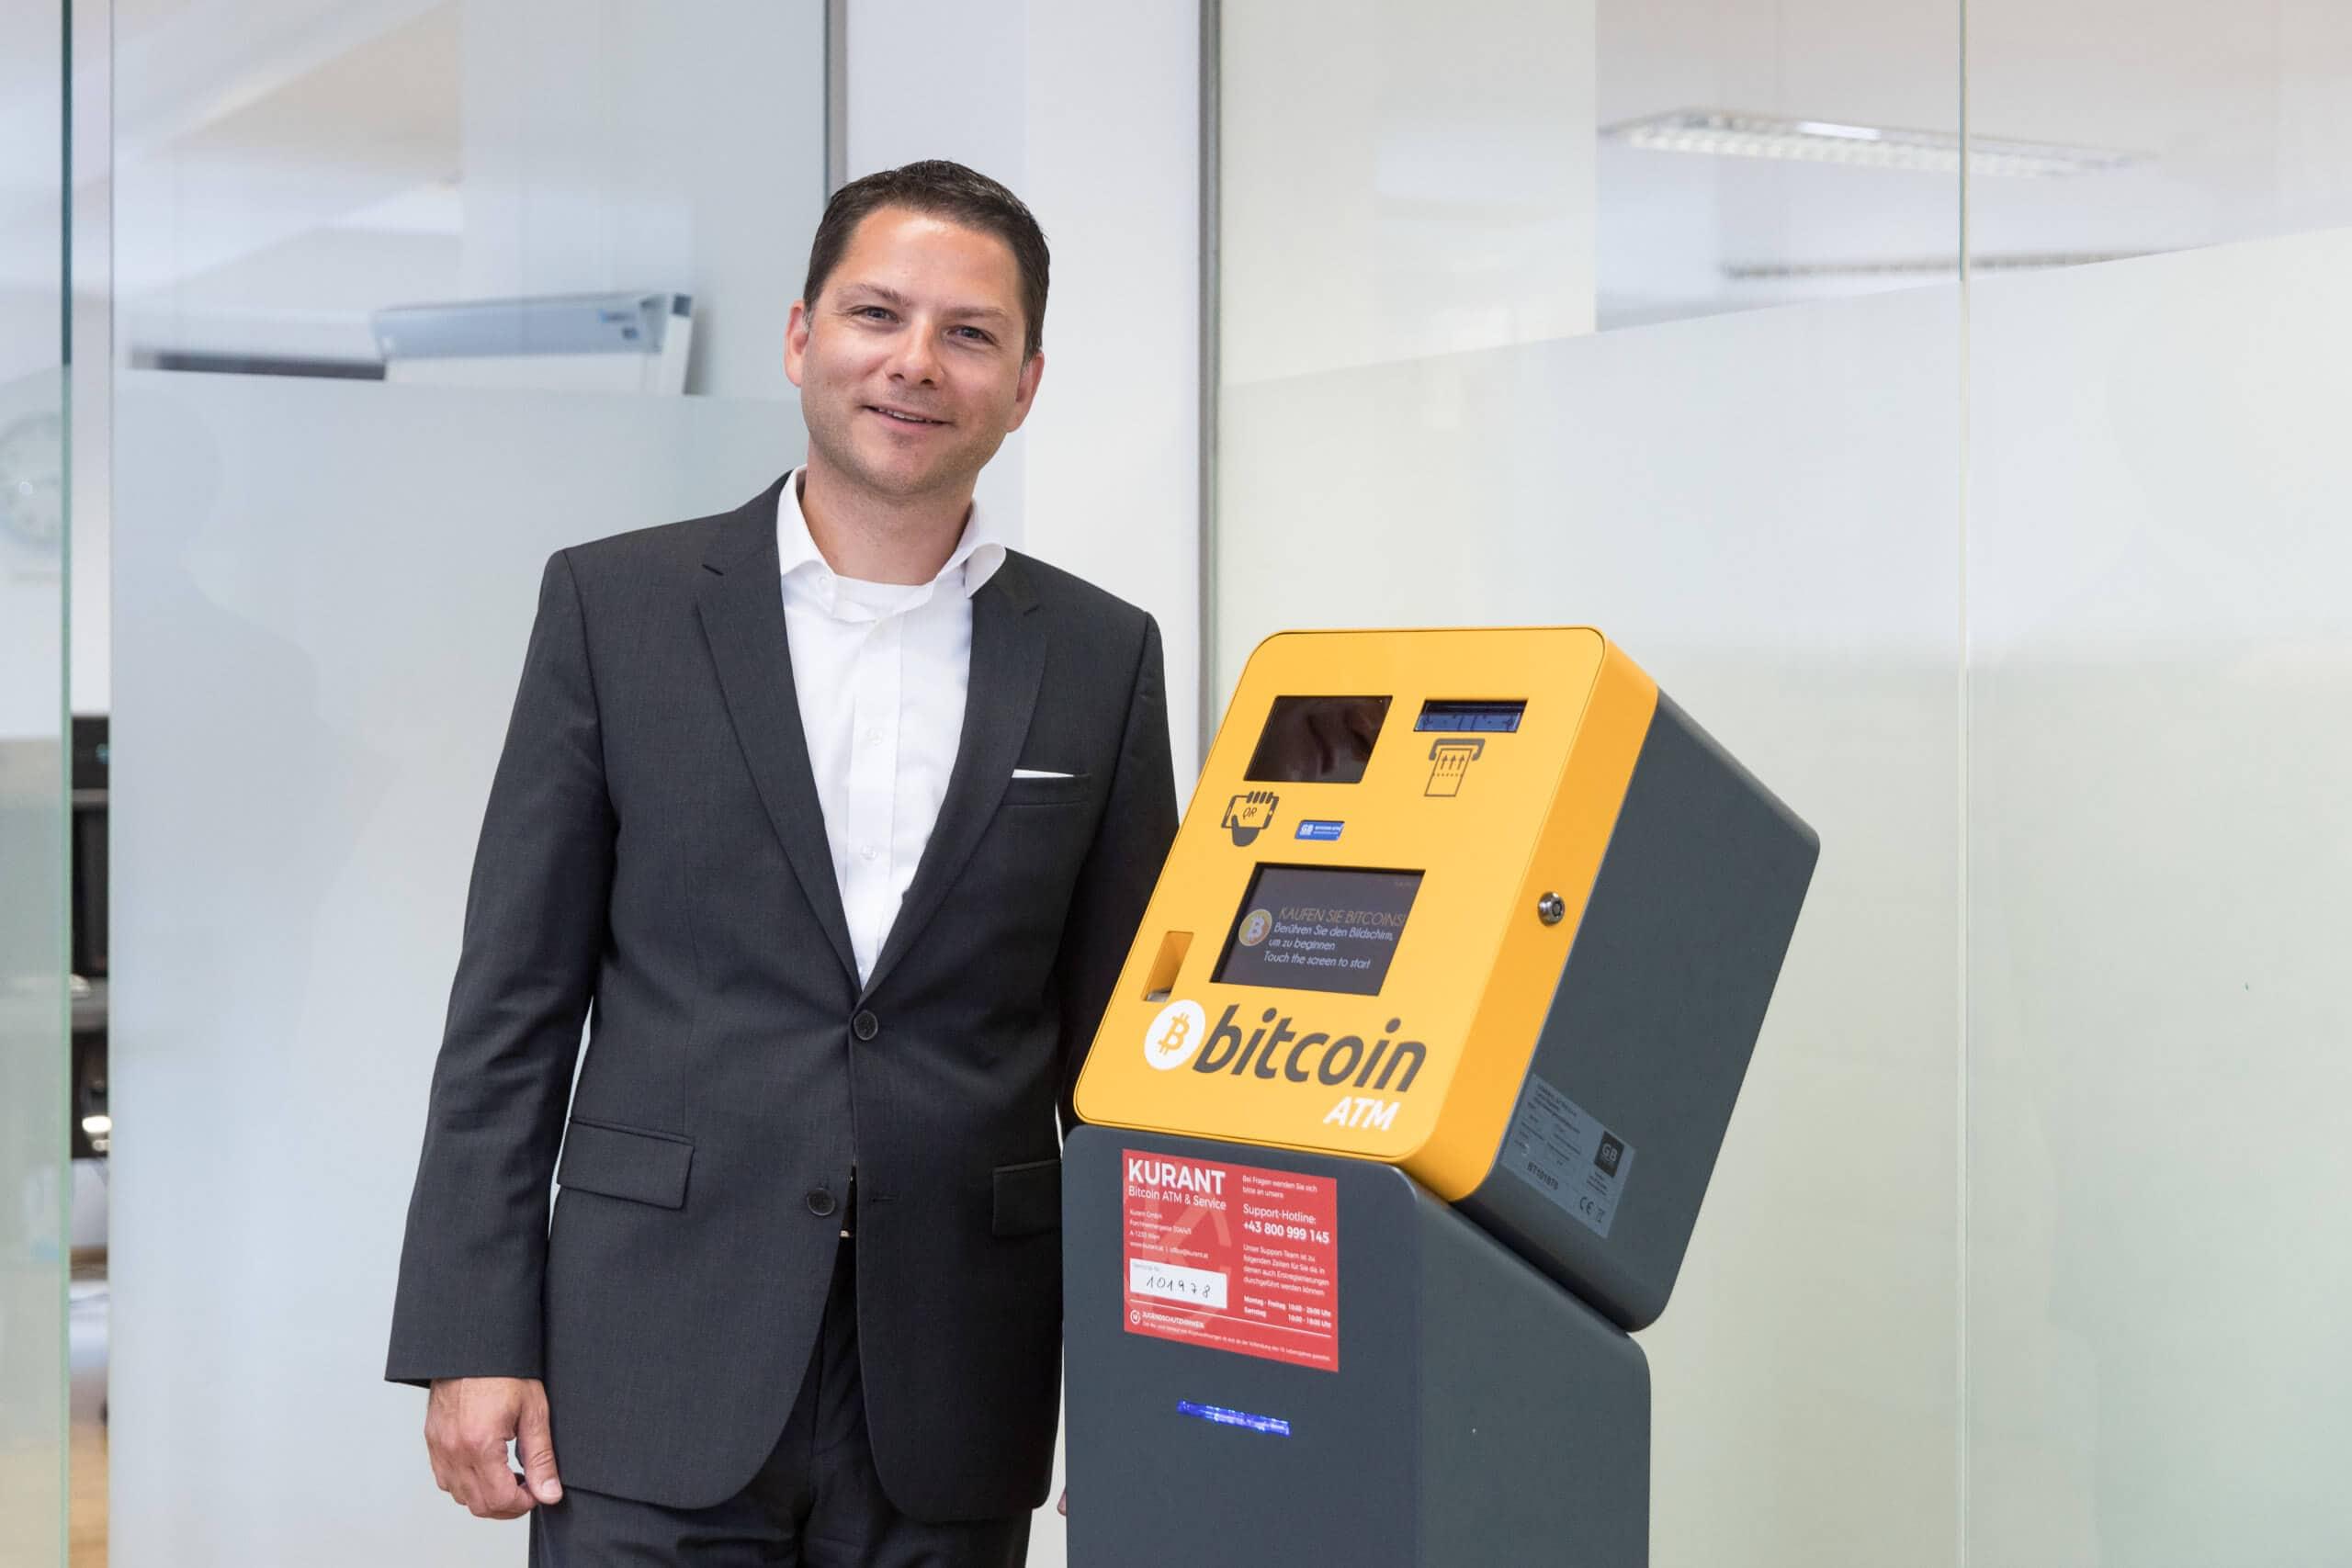 Kurant betreibt Bitcoin-Automaten in Österreich